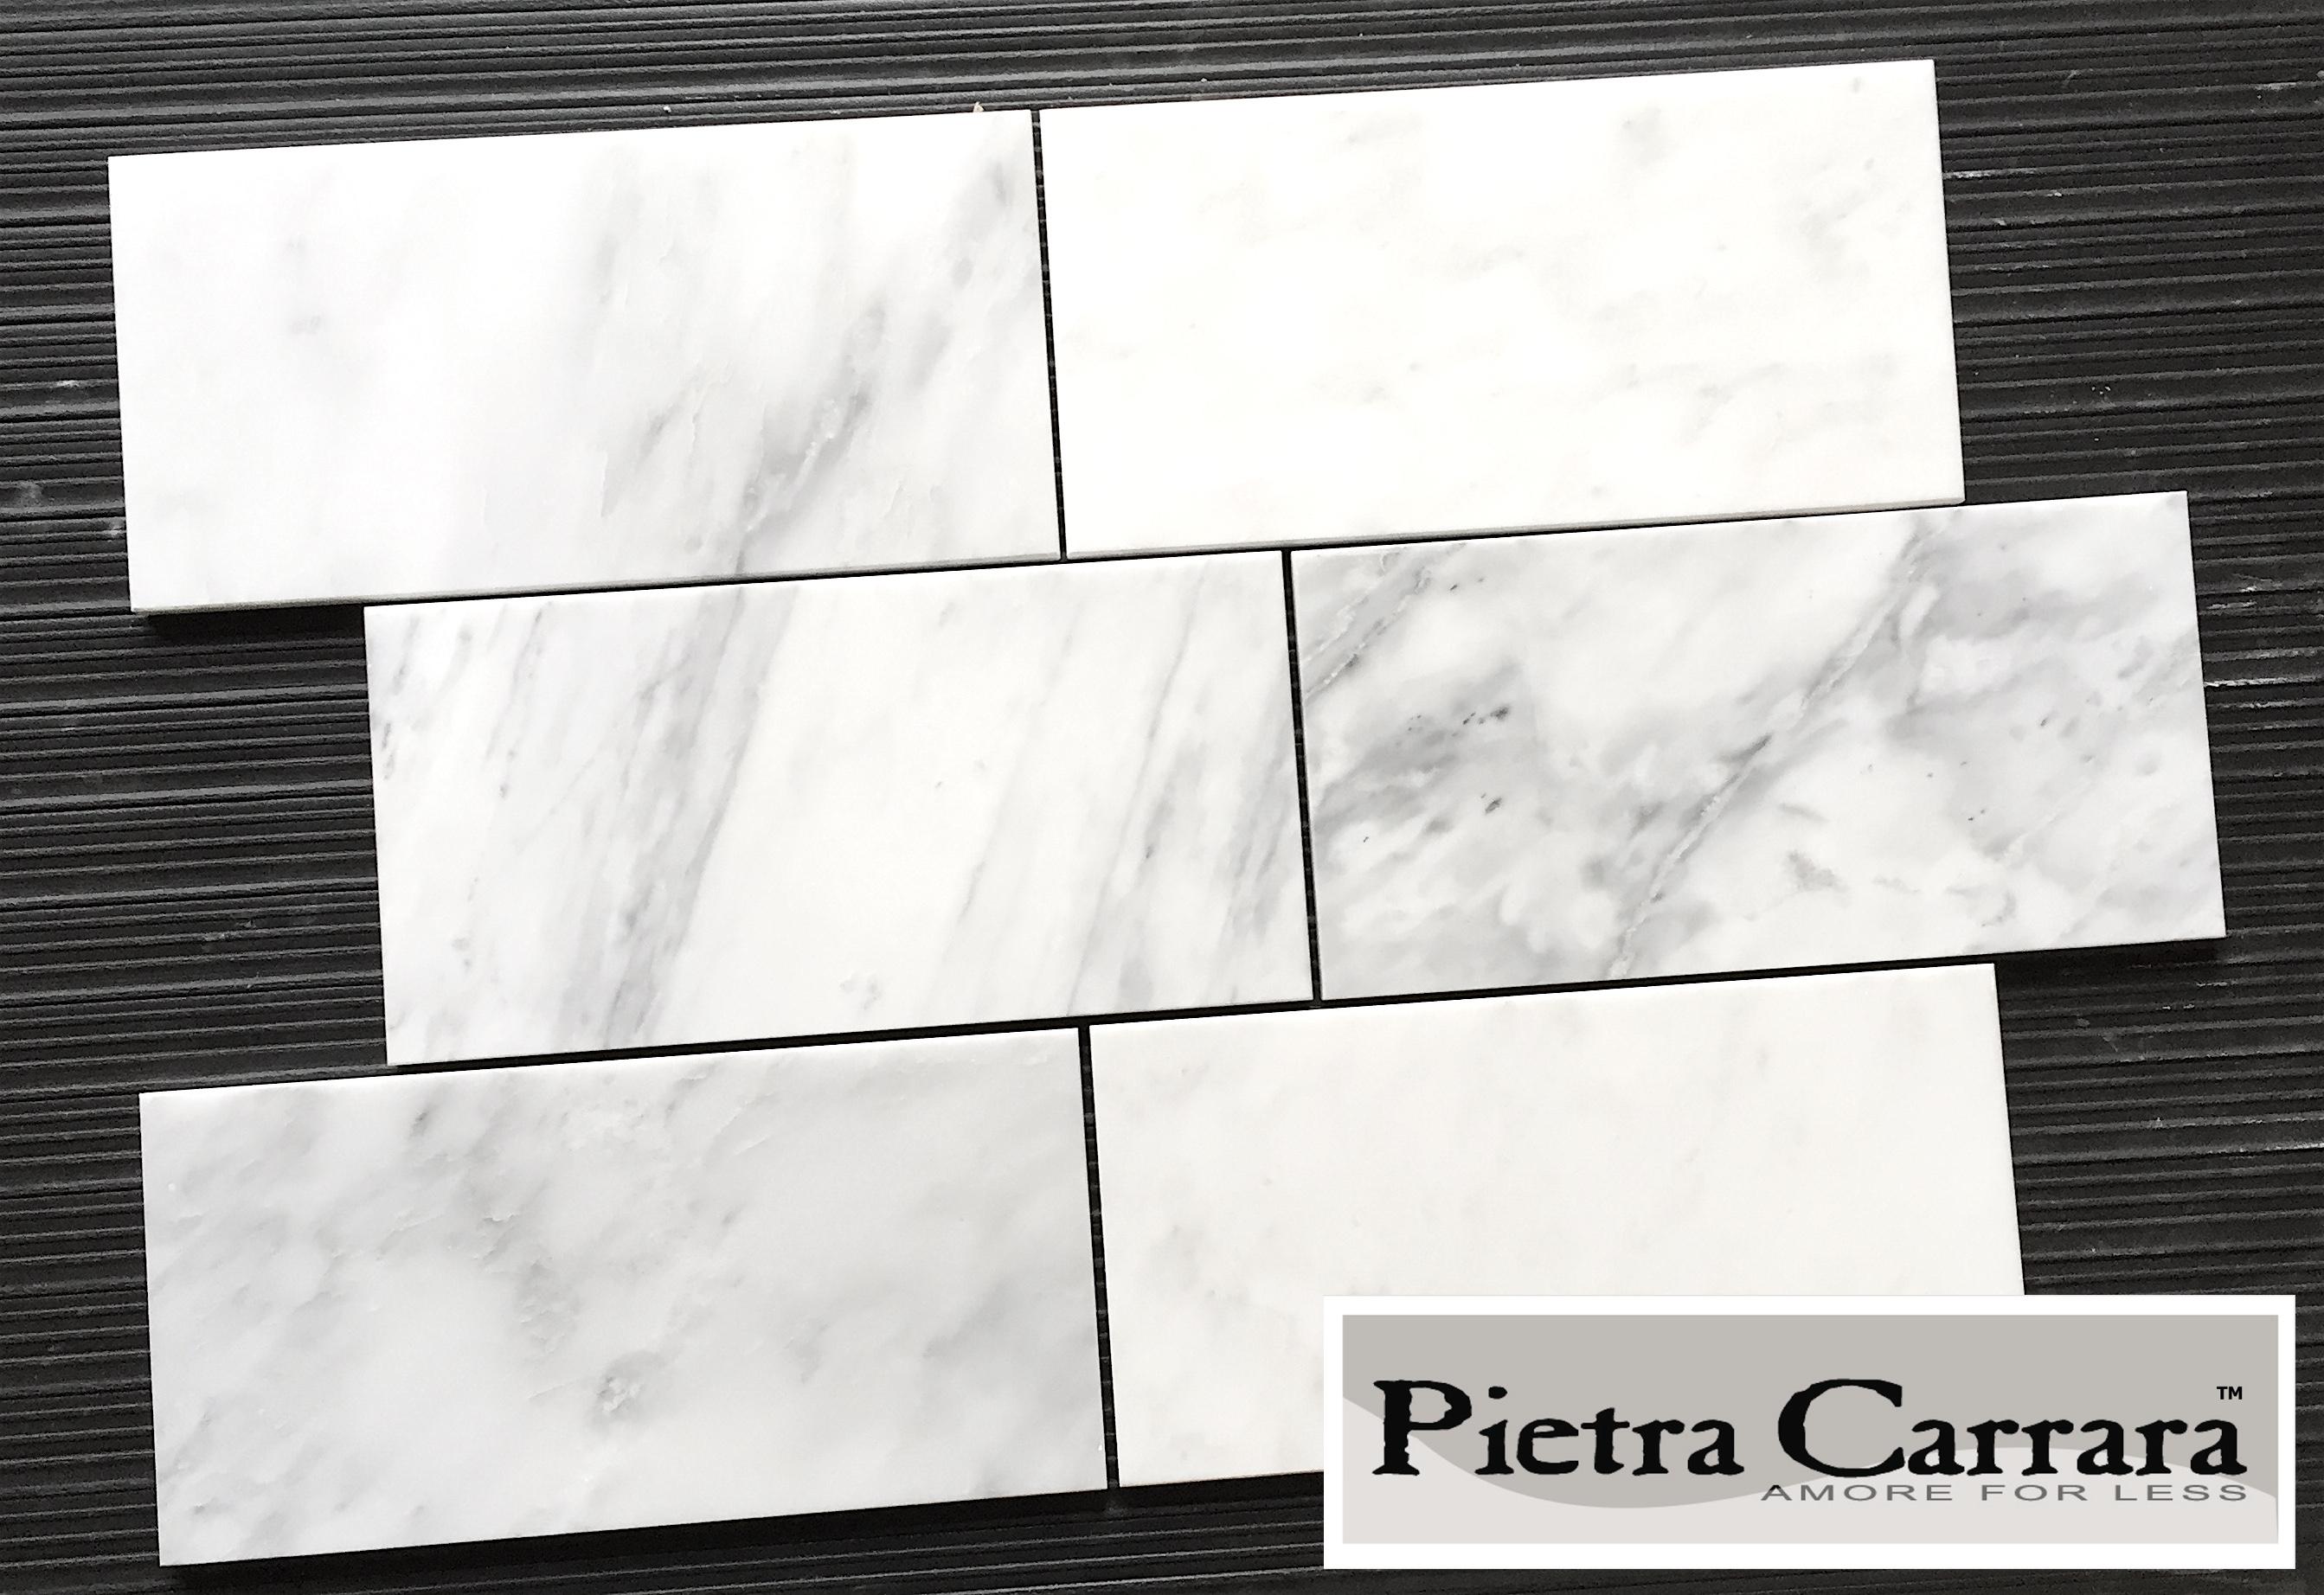 Pietra Carrara